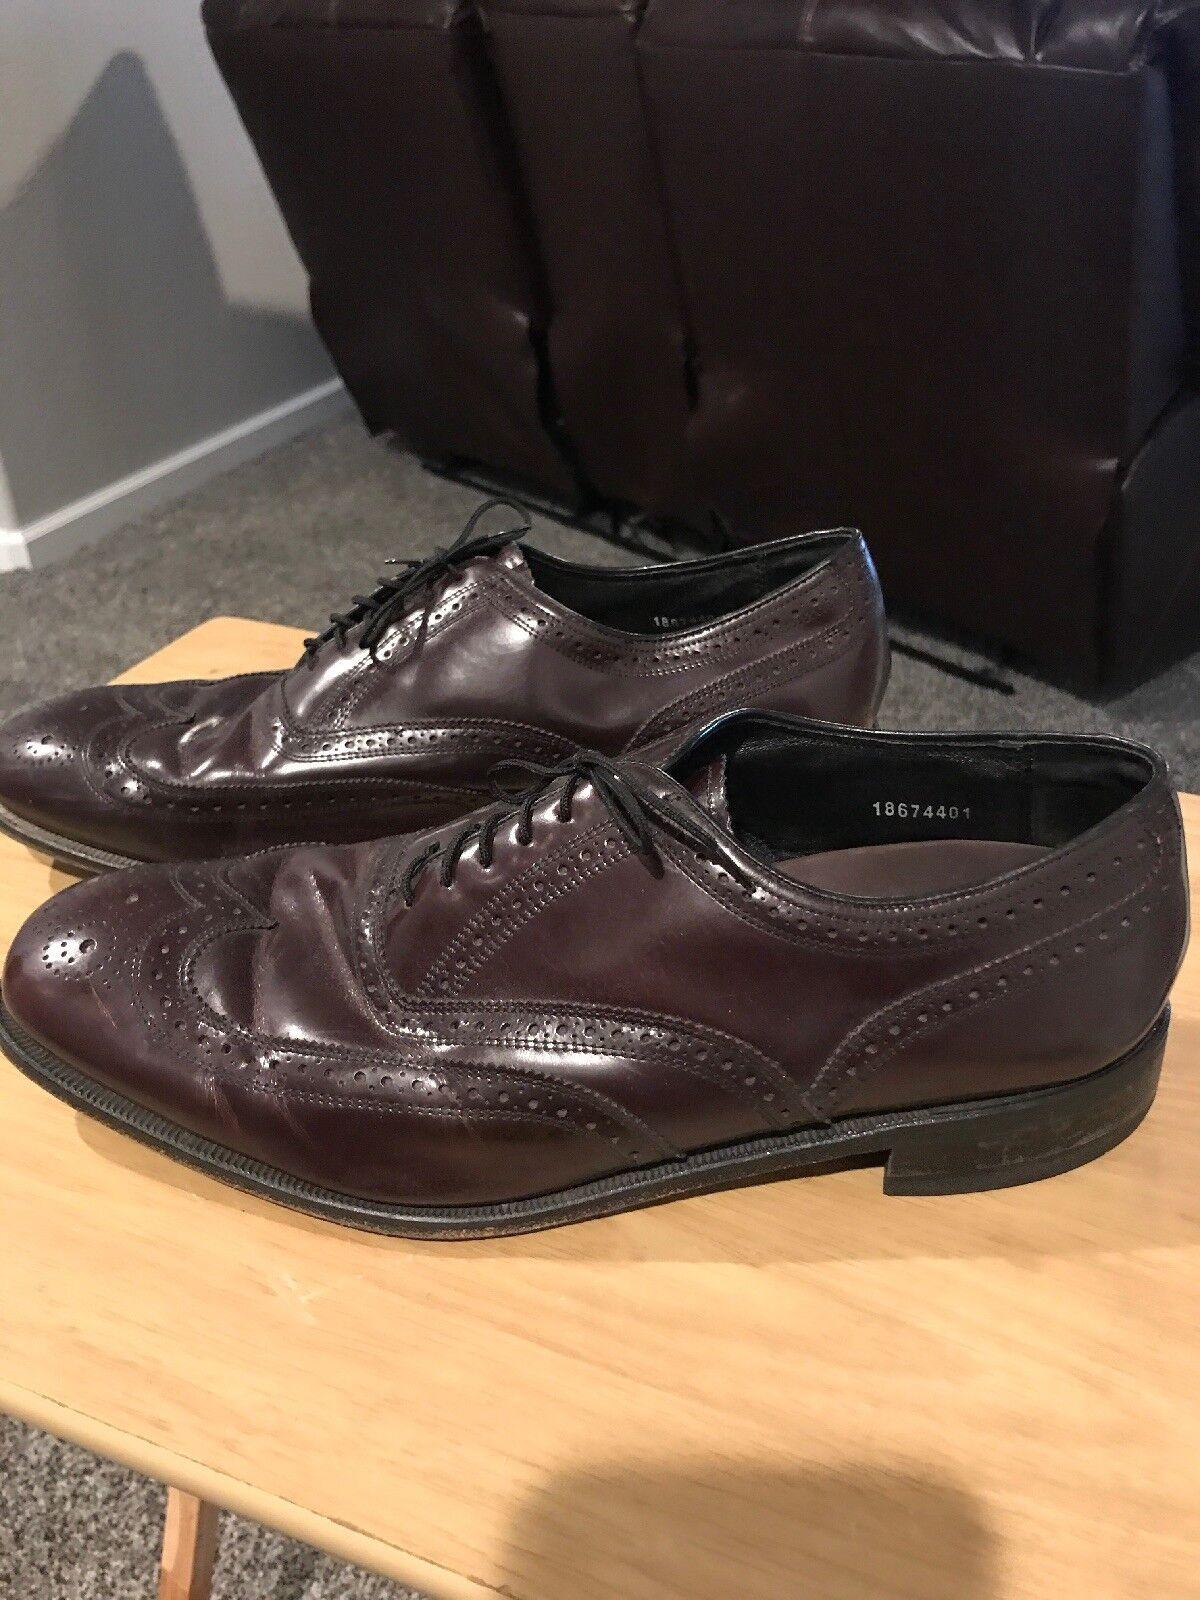 Mens Florsheim Lexington Wing tip Lace up Leather shoes 17066-05 Burgundy 13 D